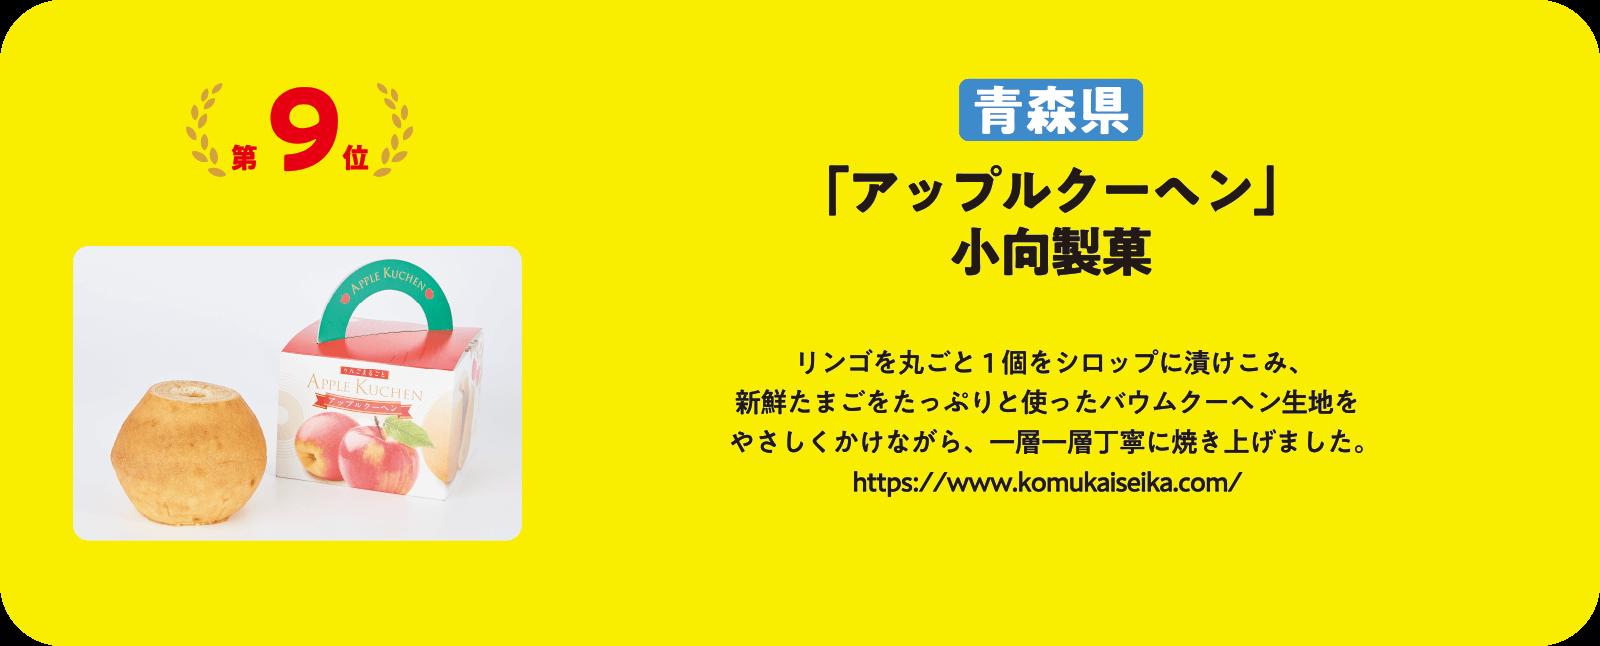 「アップルクーヘン」 小向製菓